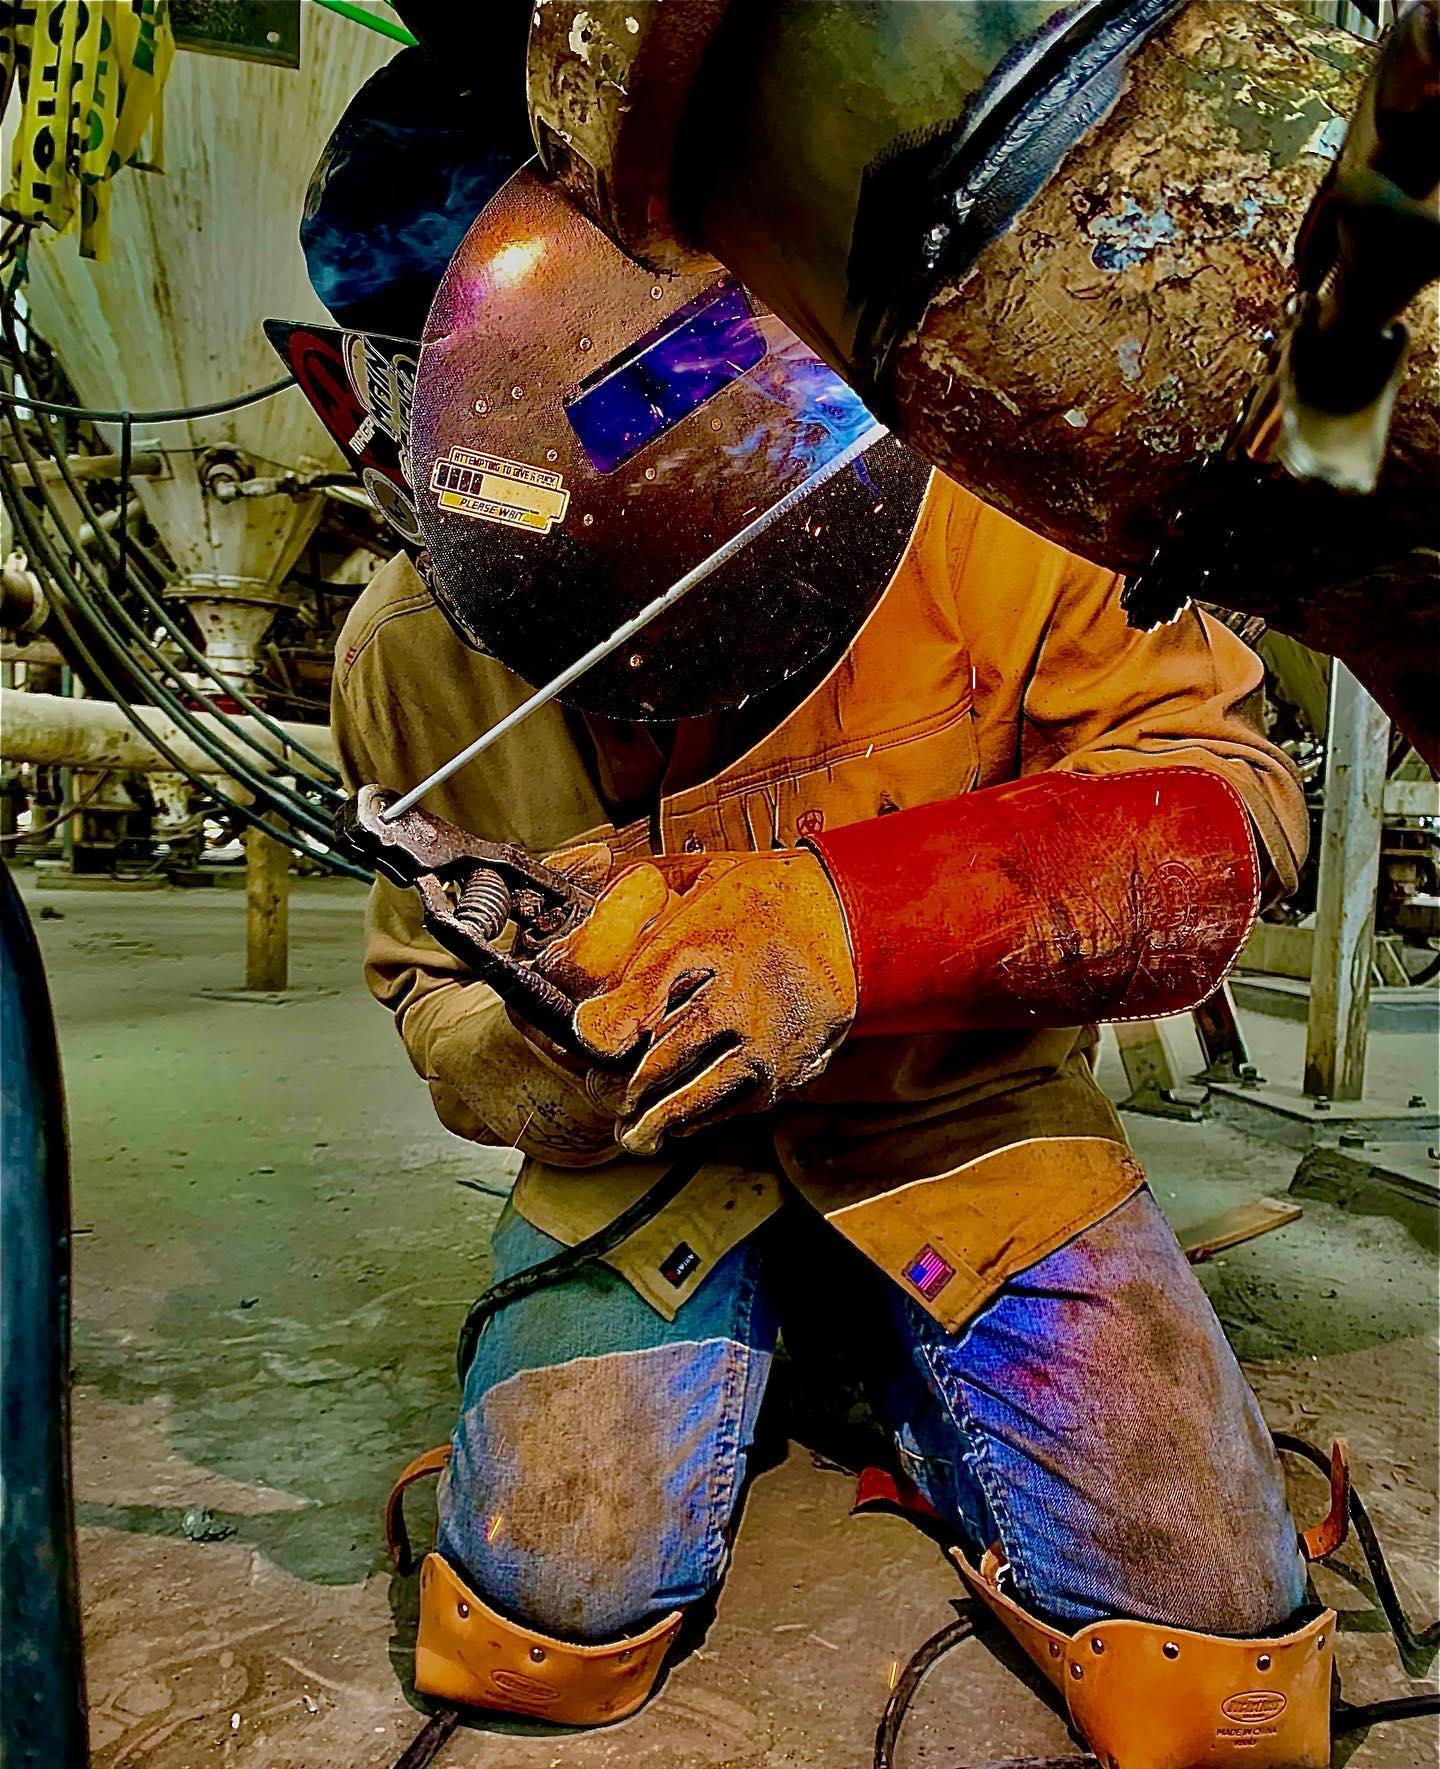 Slade Hagan Stick welding in a bulk plant @shagan_15 #worksafe